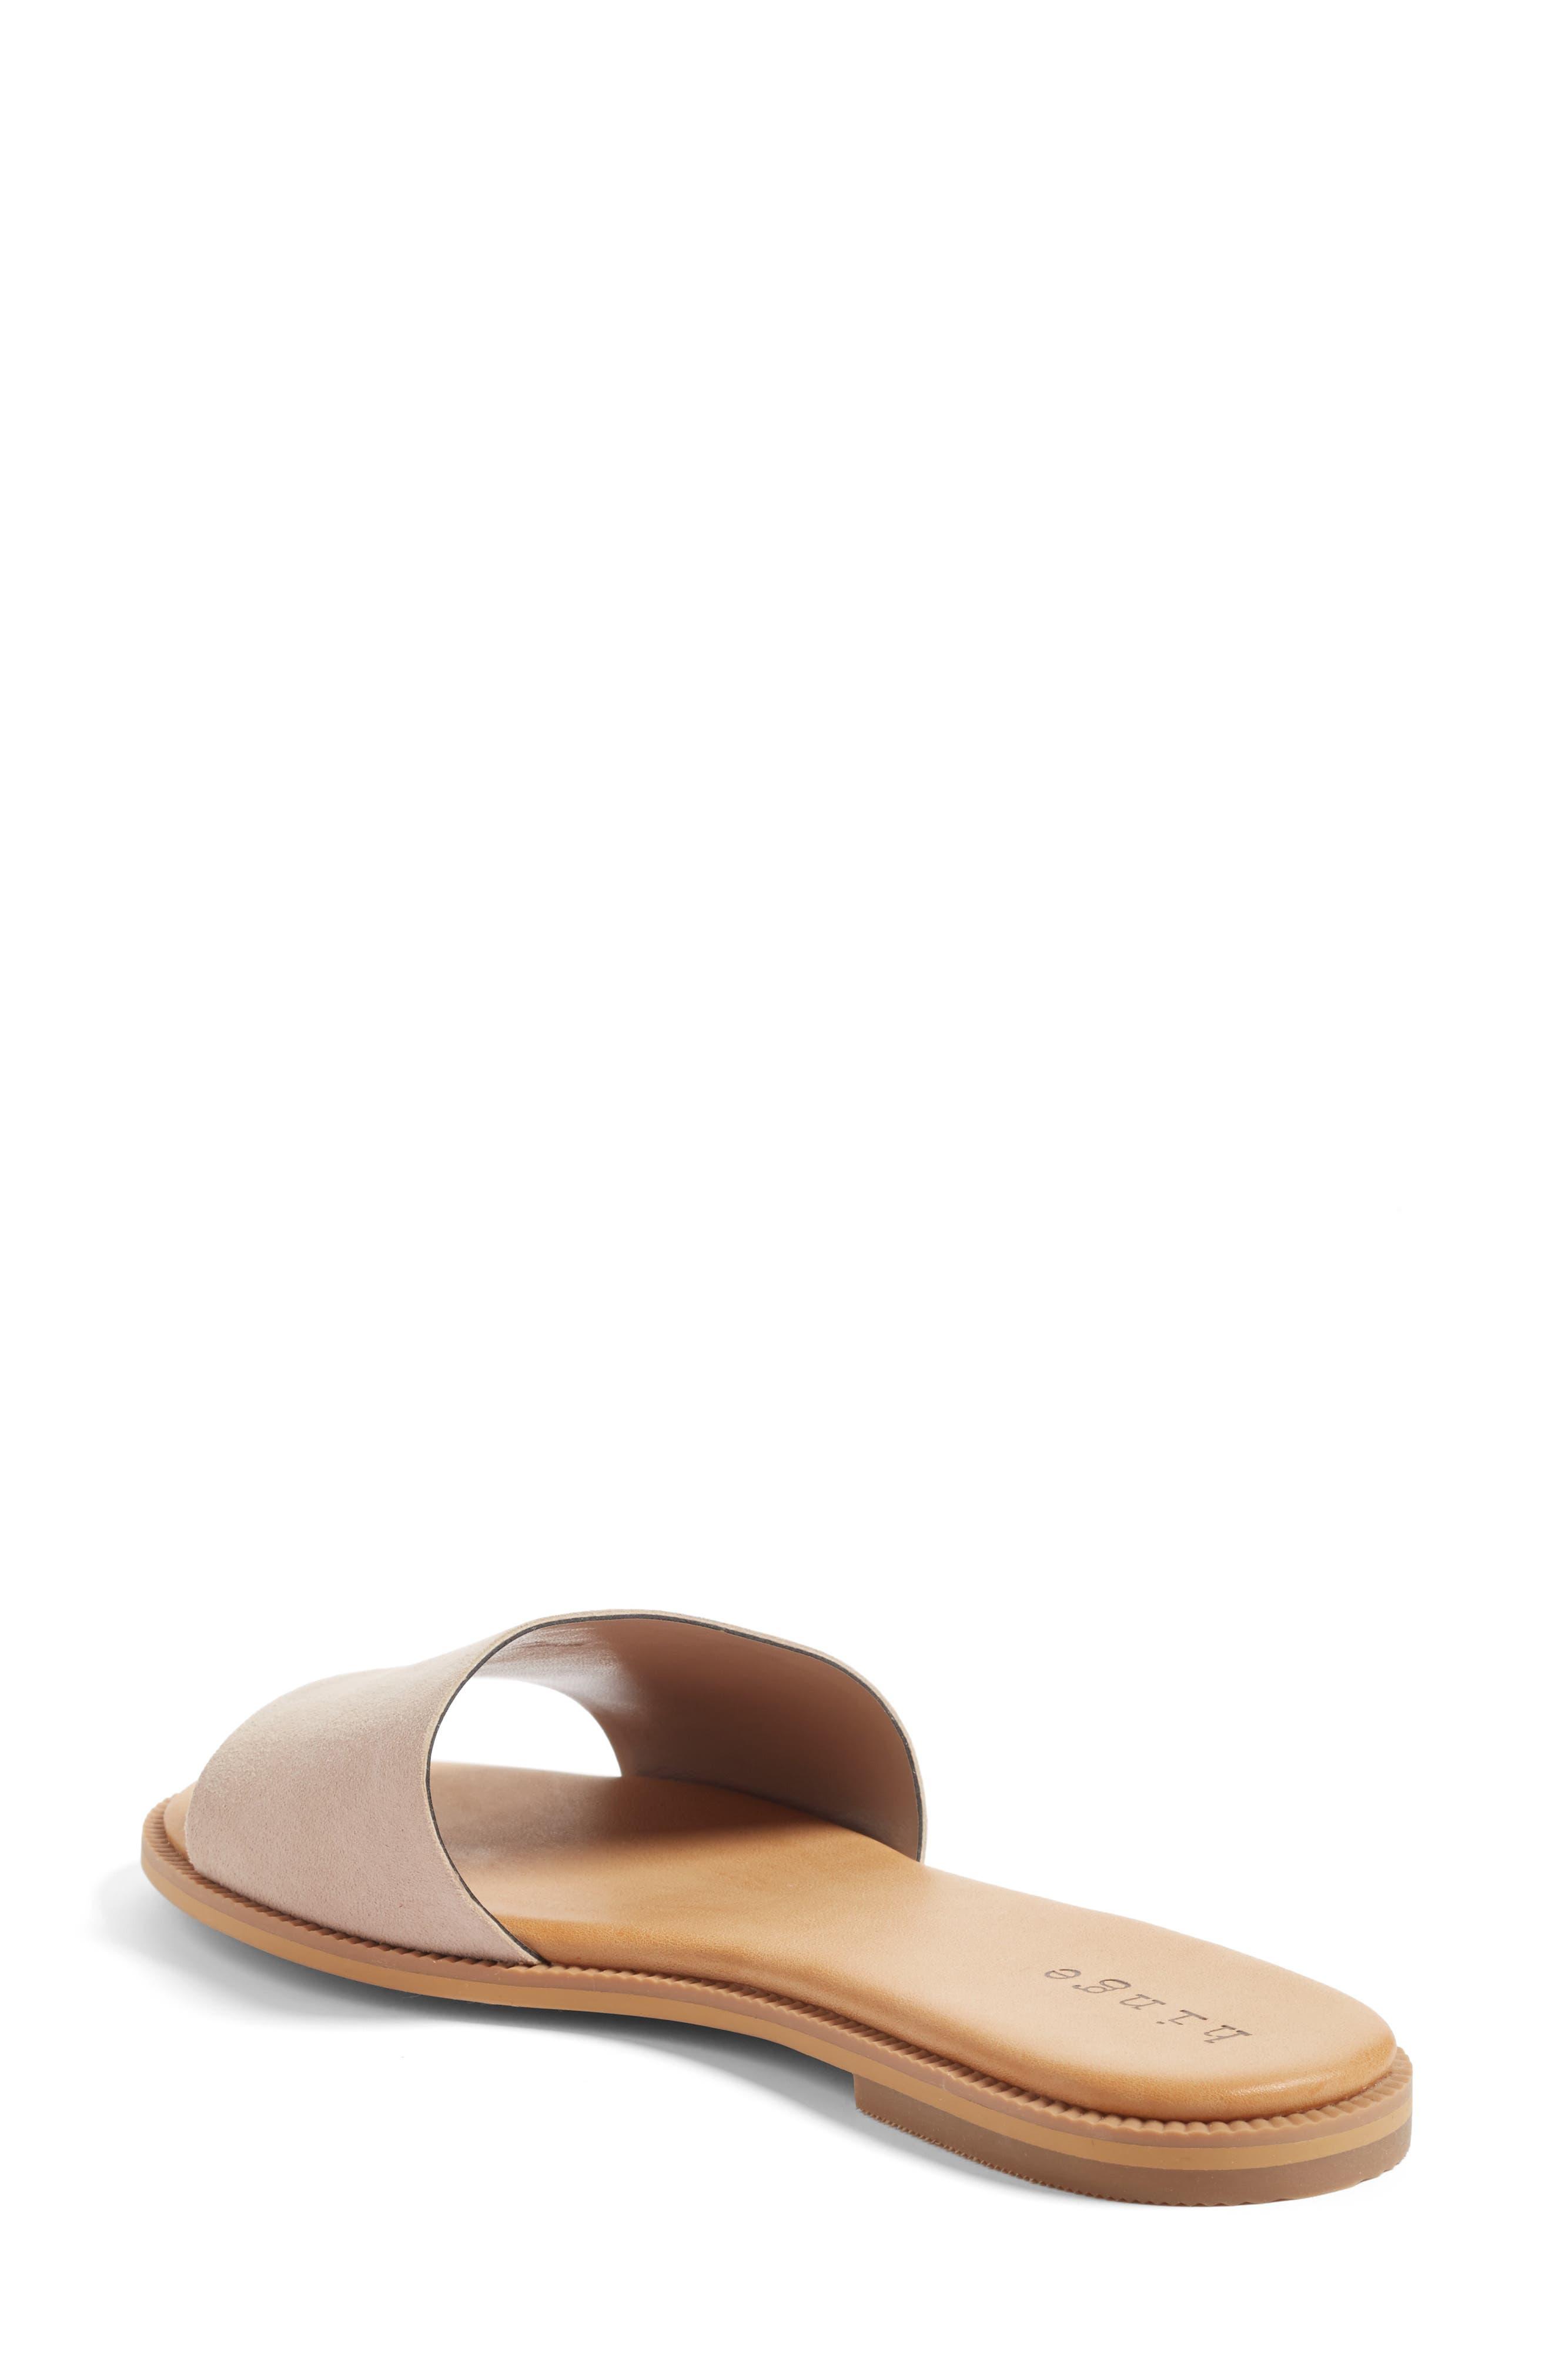 Alternate Image 2  - Hinge 'Mere' Flat Slide Sandal (Women)